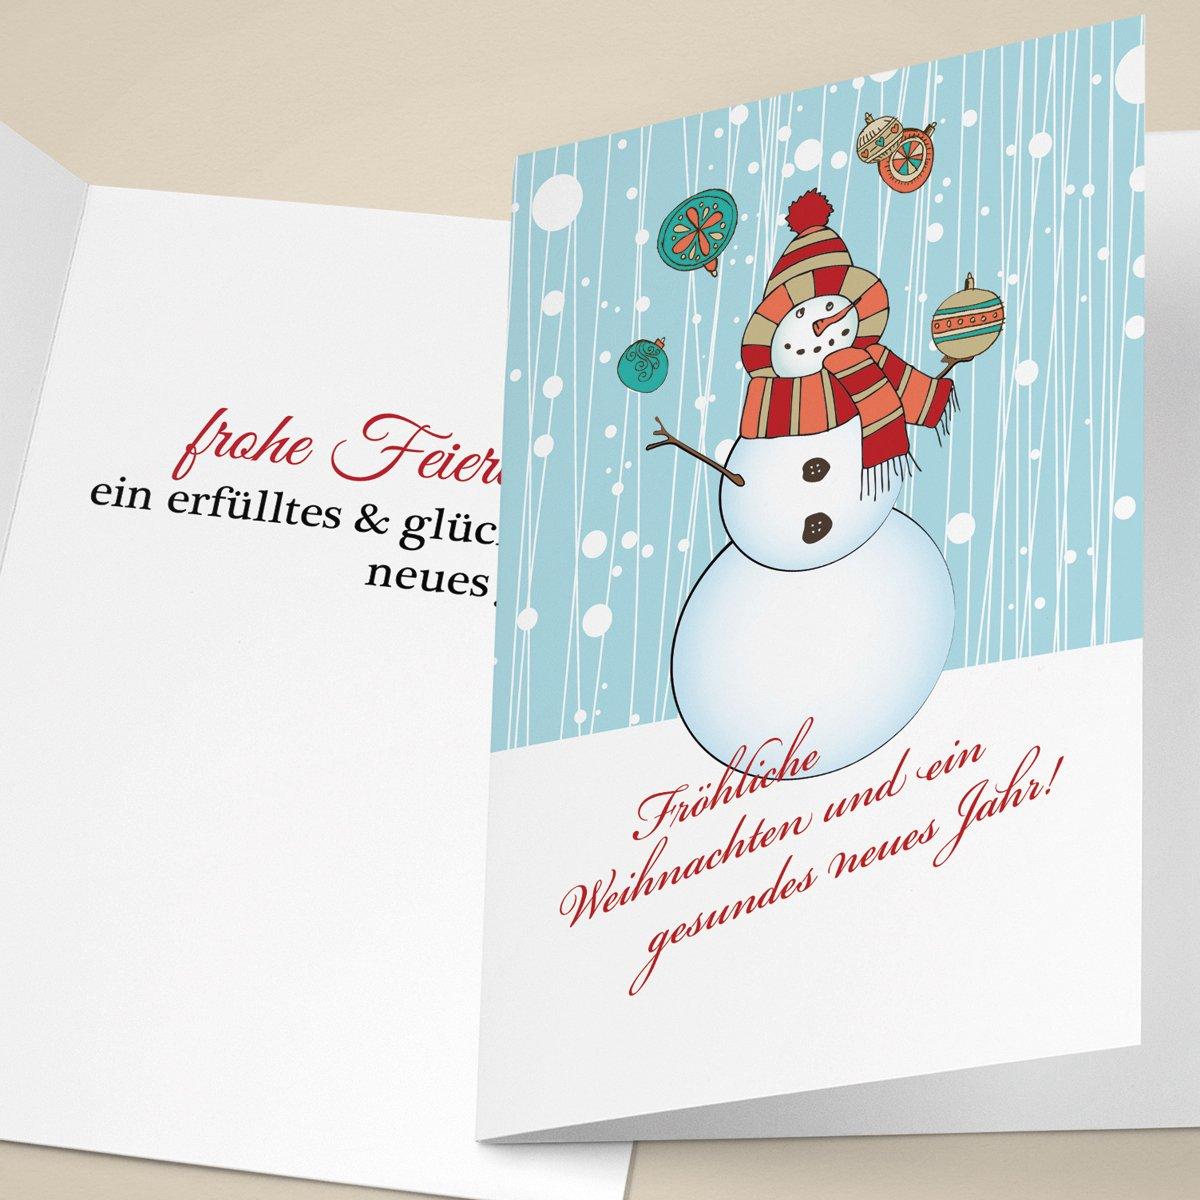 100er Set Set Set Fröhliche Unternehmen Weihnachtskarten mit, mit Weihnachtskugeln jonglierendem, Schneemann, innen blanko  weiß als geschäftliche Weihnachtsgrüße   Neujahrskarte   Firmen Weihnachtskarte für Kunden, Geschäftsp c6311e